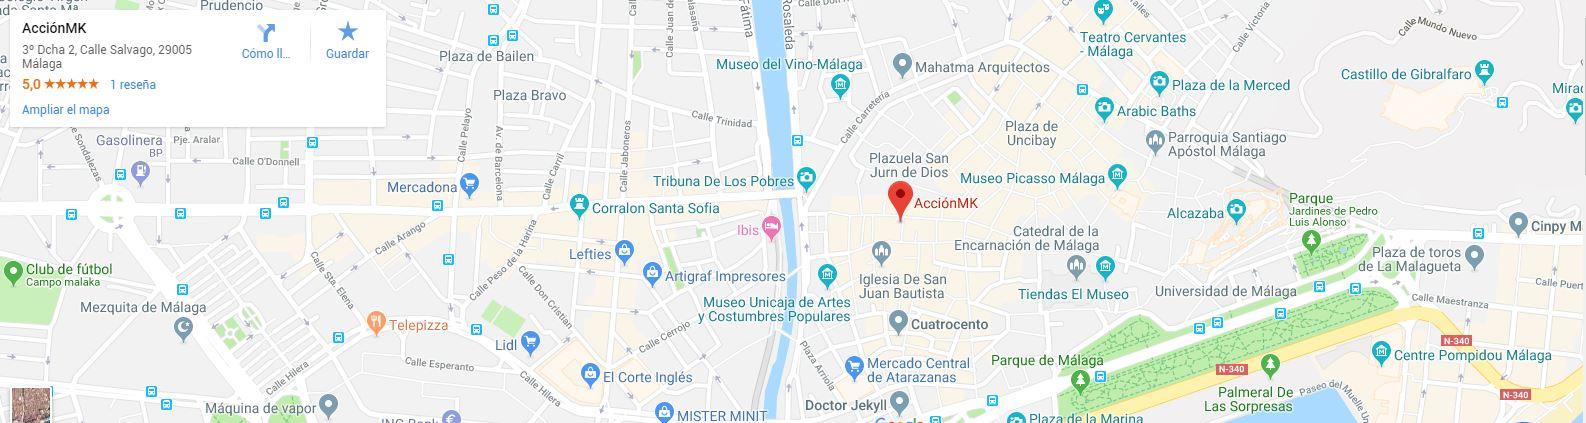 Mapa del callejero del centro de Málaga, en él está marcado la ubicación de AcciónMK